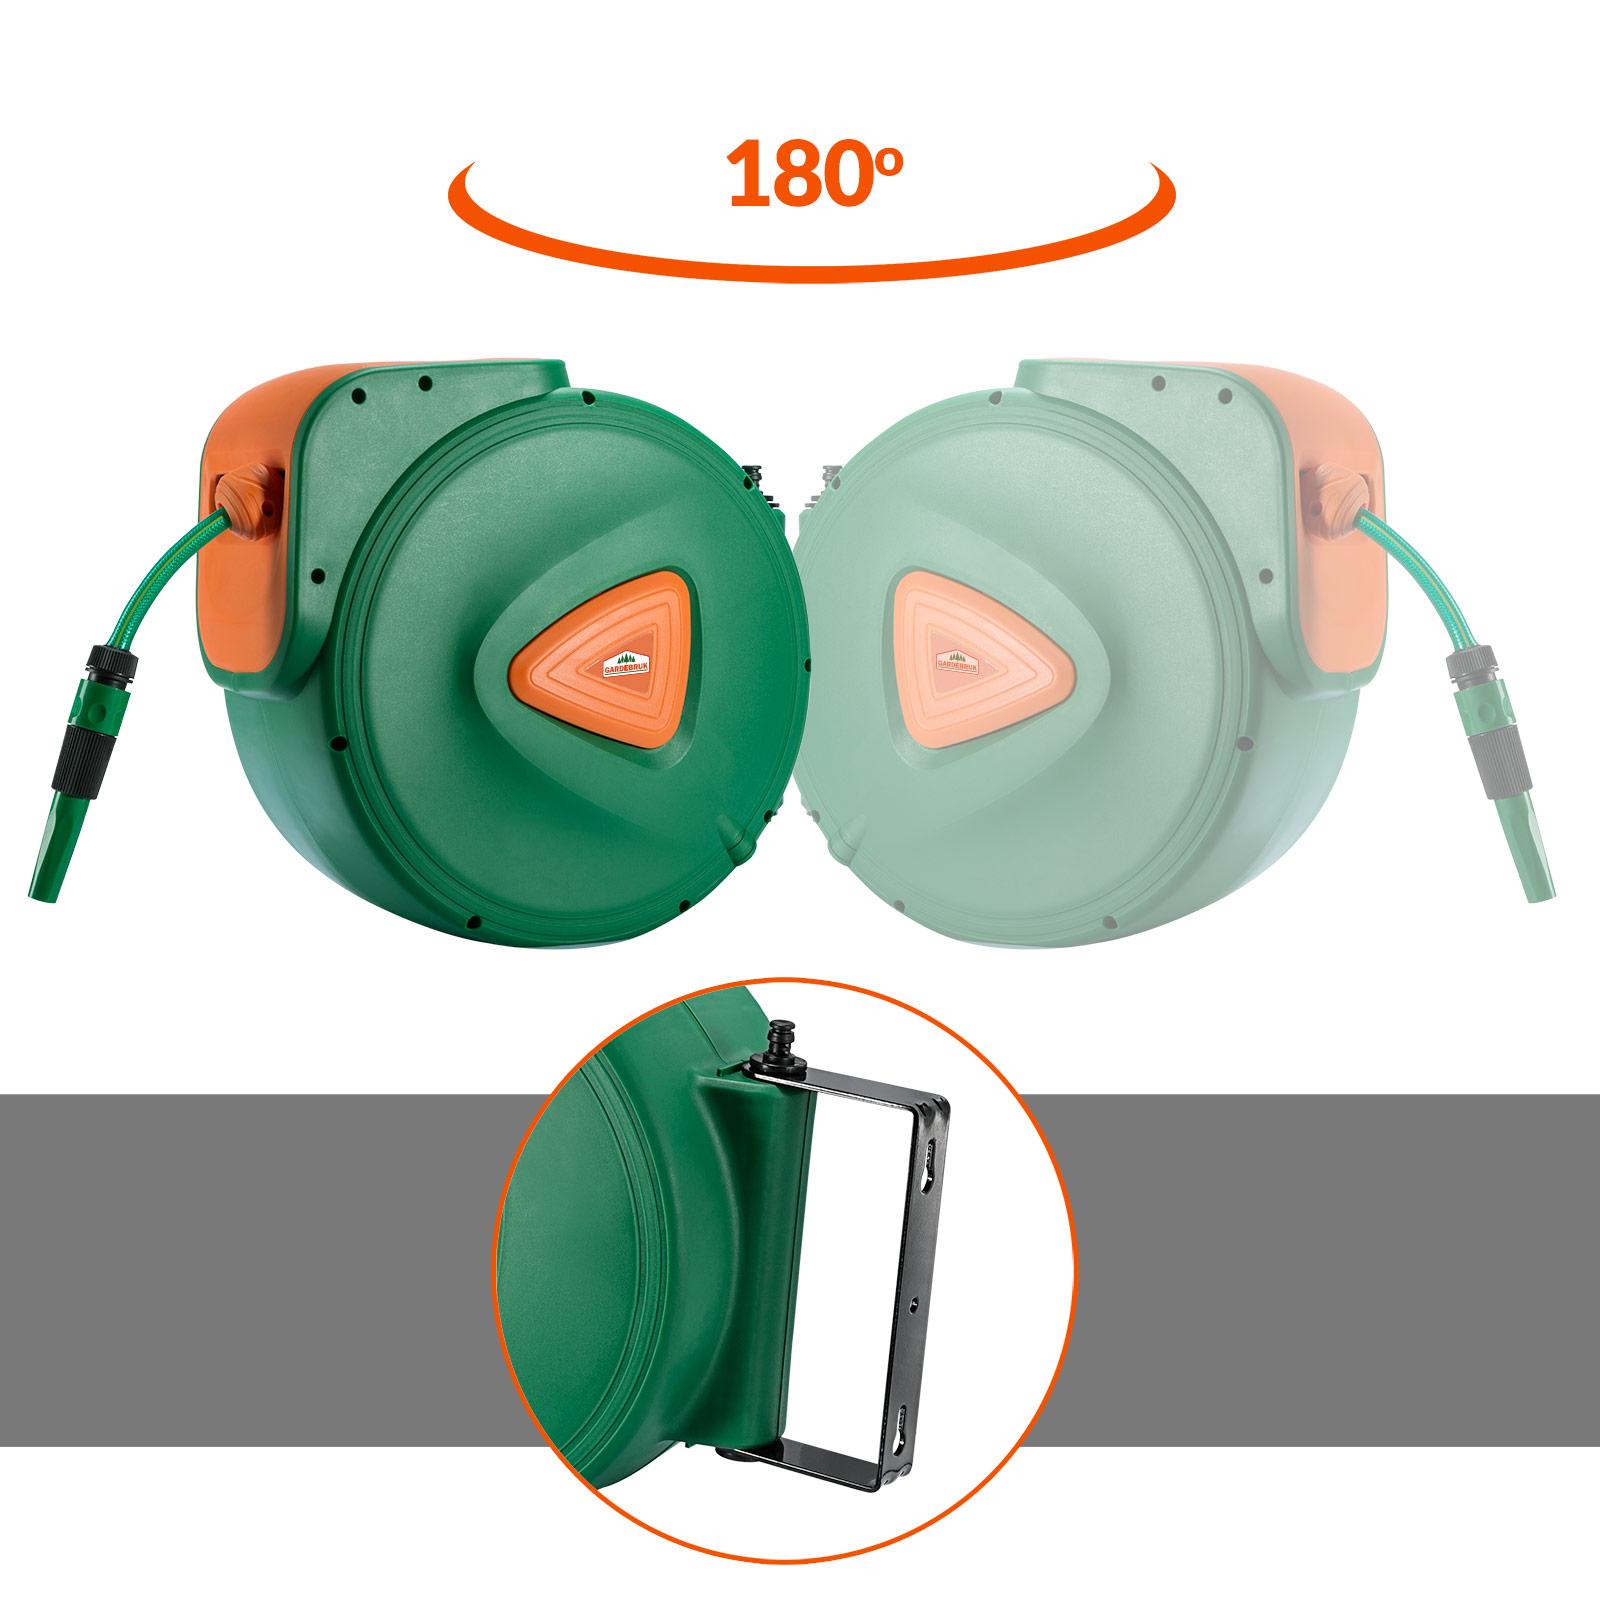 #10430 Housse de coussin oreiller CHAT Chenille pour 50x50 Maison de campagne Made in Germany Edel